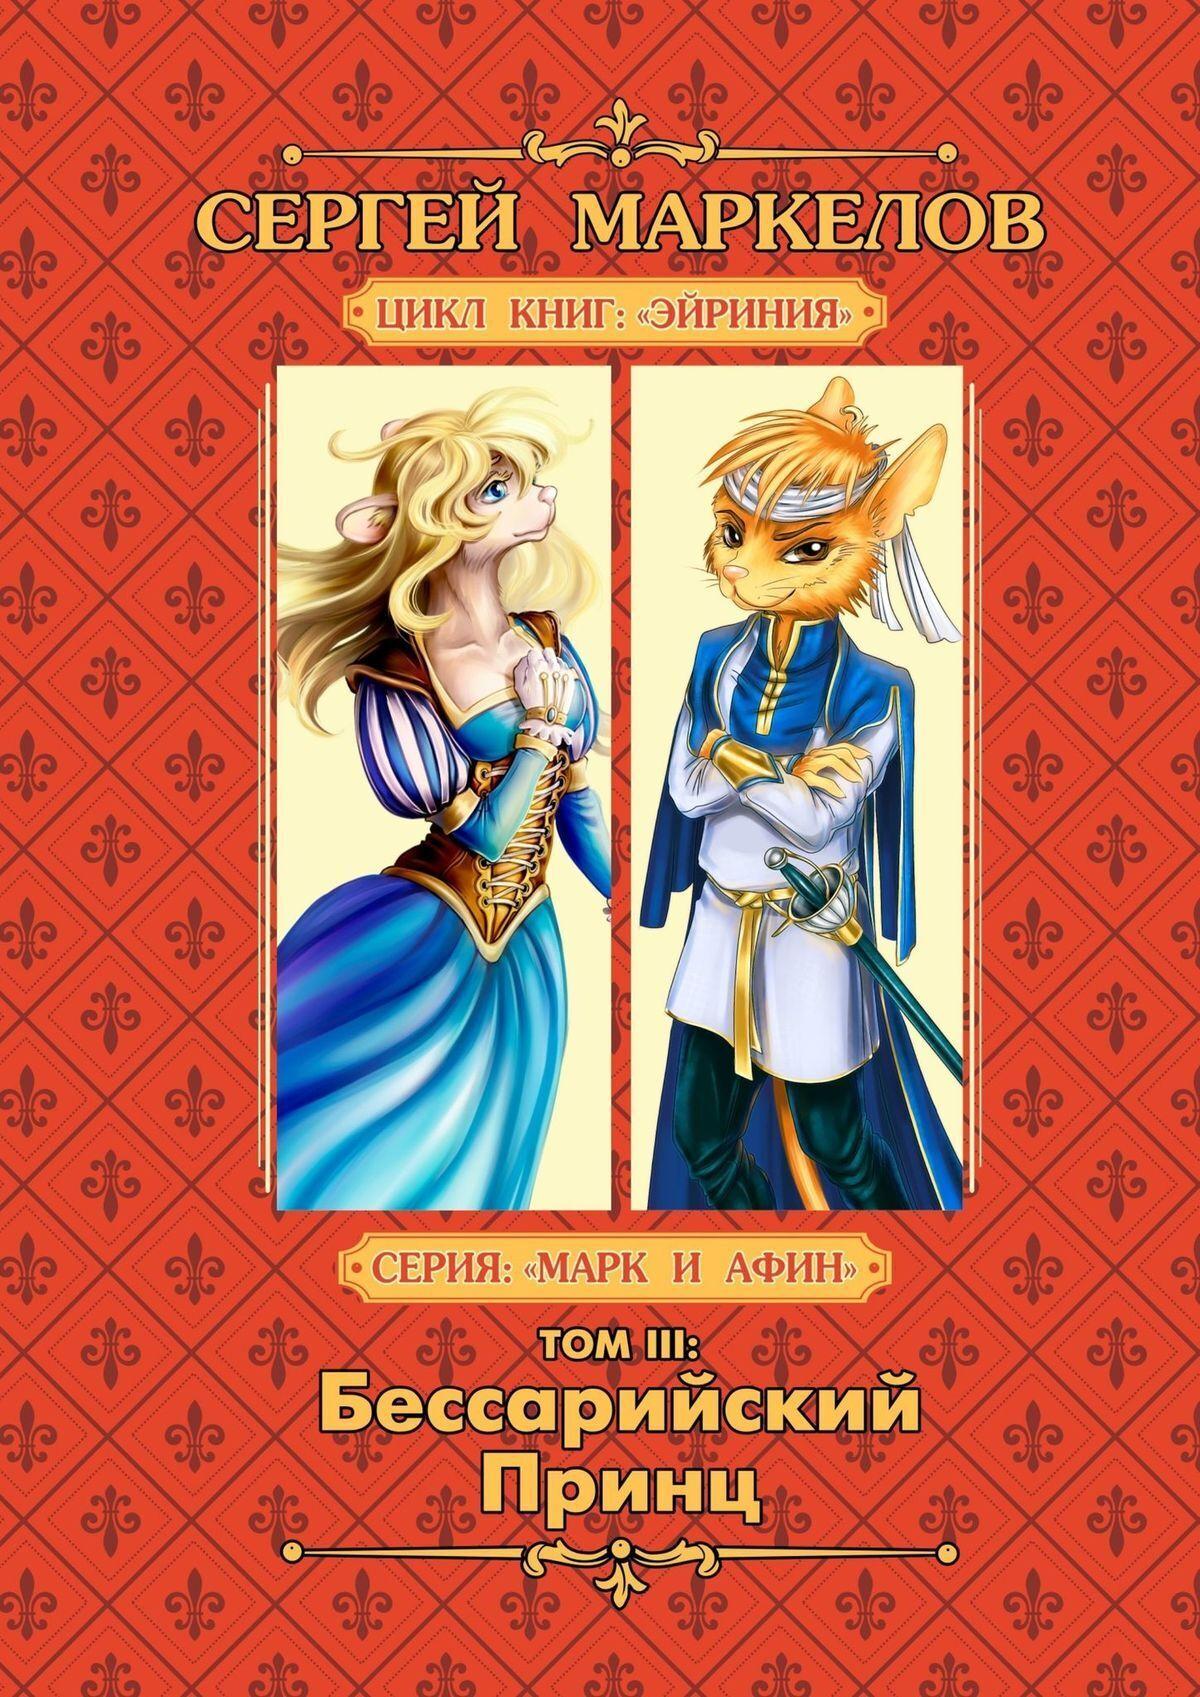 Бессарийский принц. Цикл «Эйриния». Серия «Марк иАфин». ТомIII